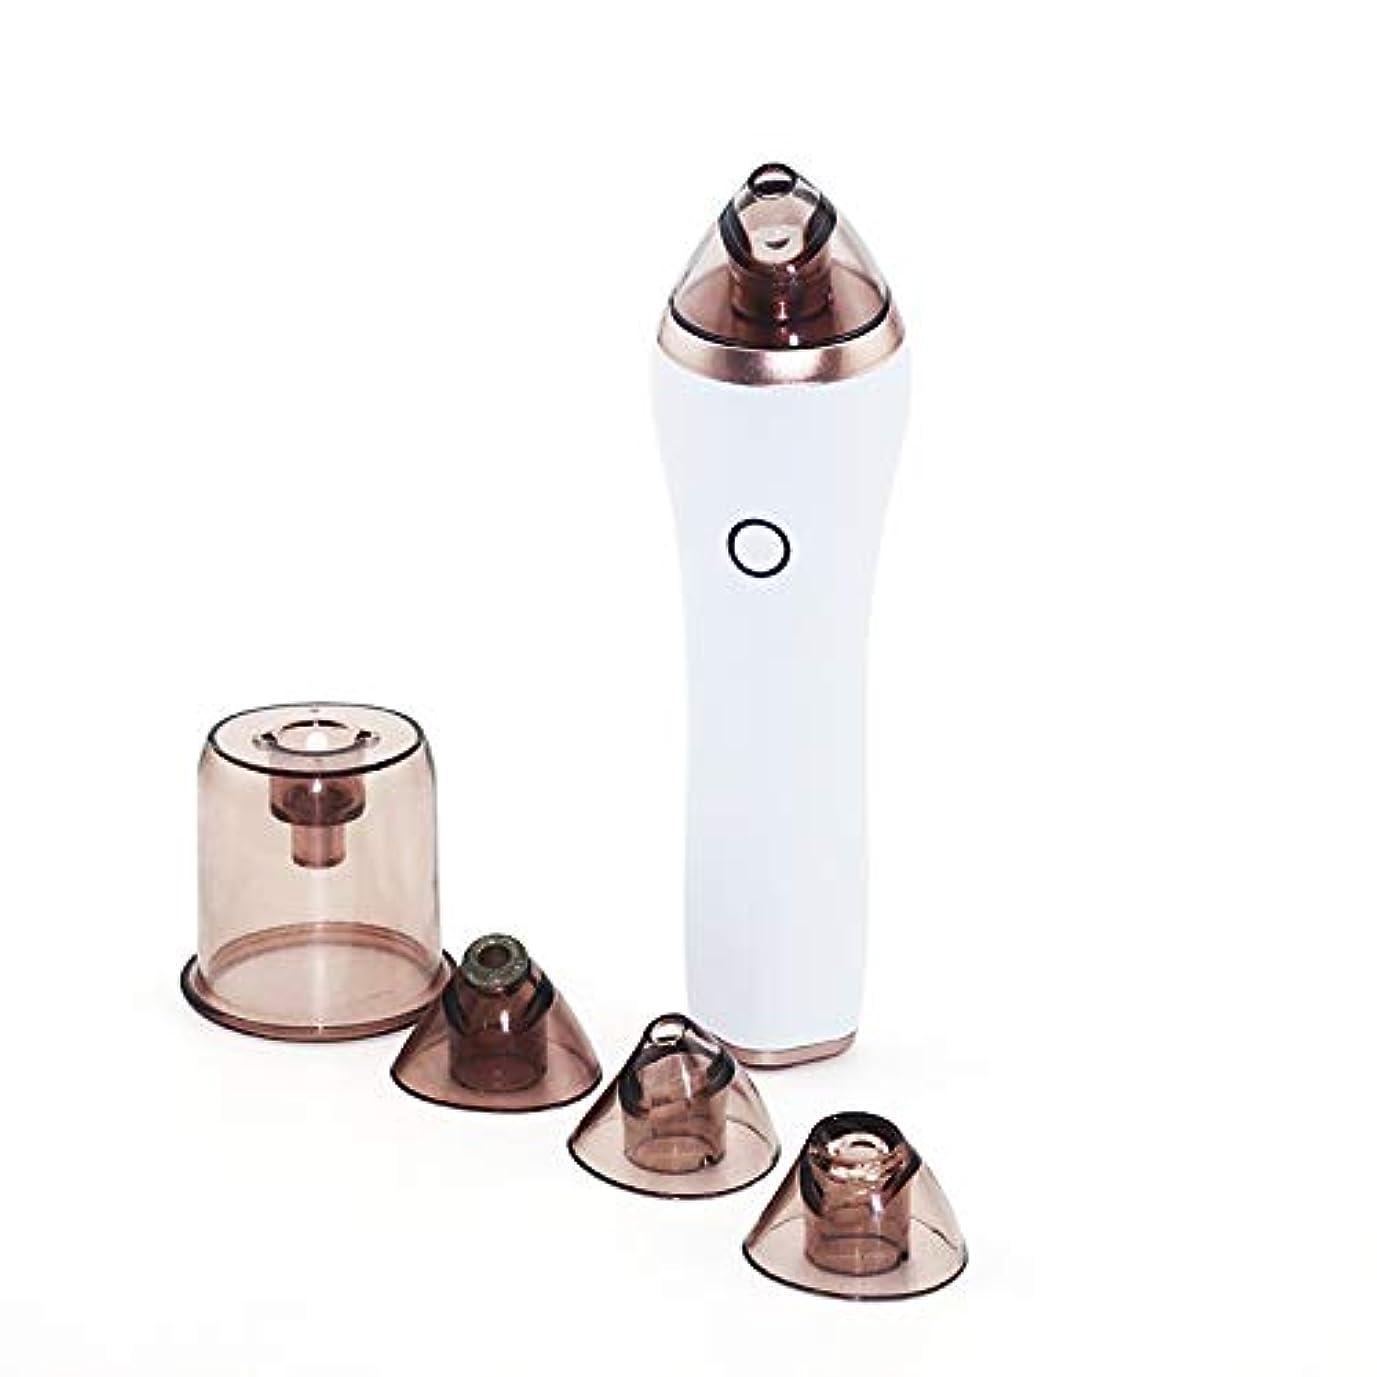 リベラル元気な軍隊にきびの除去剤、毛穴の真空の電気にきびの真空の抽出器のきれいな用具 - Comedoの毛穴のExtracotrの美装置